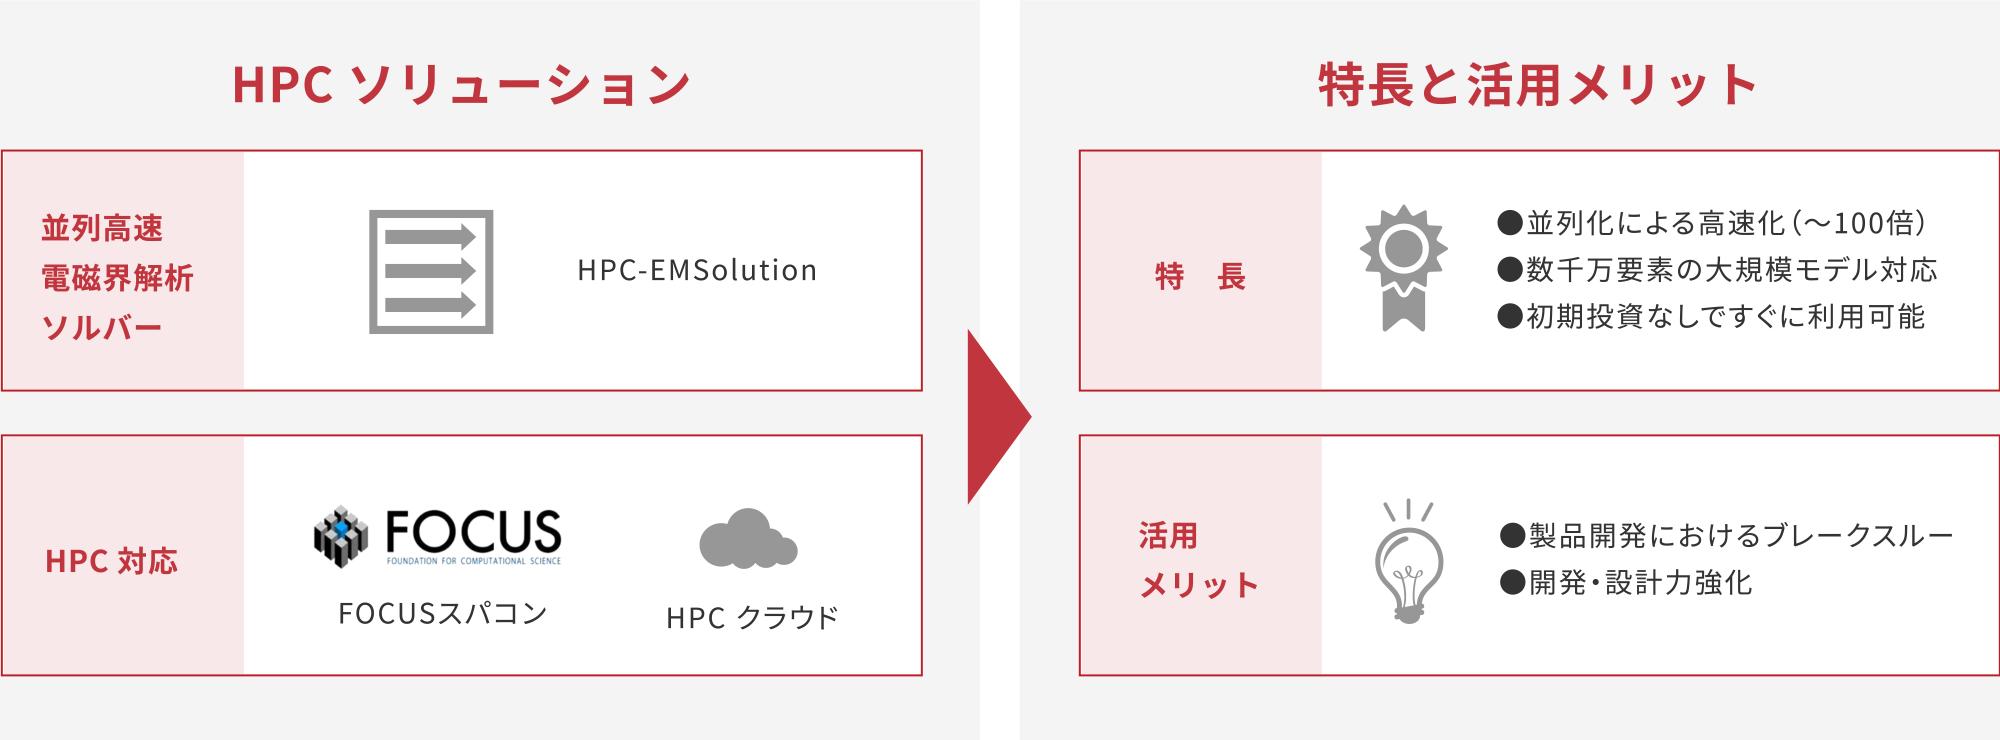 HPCソリューション/特長と活用メリット